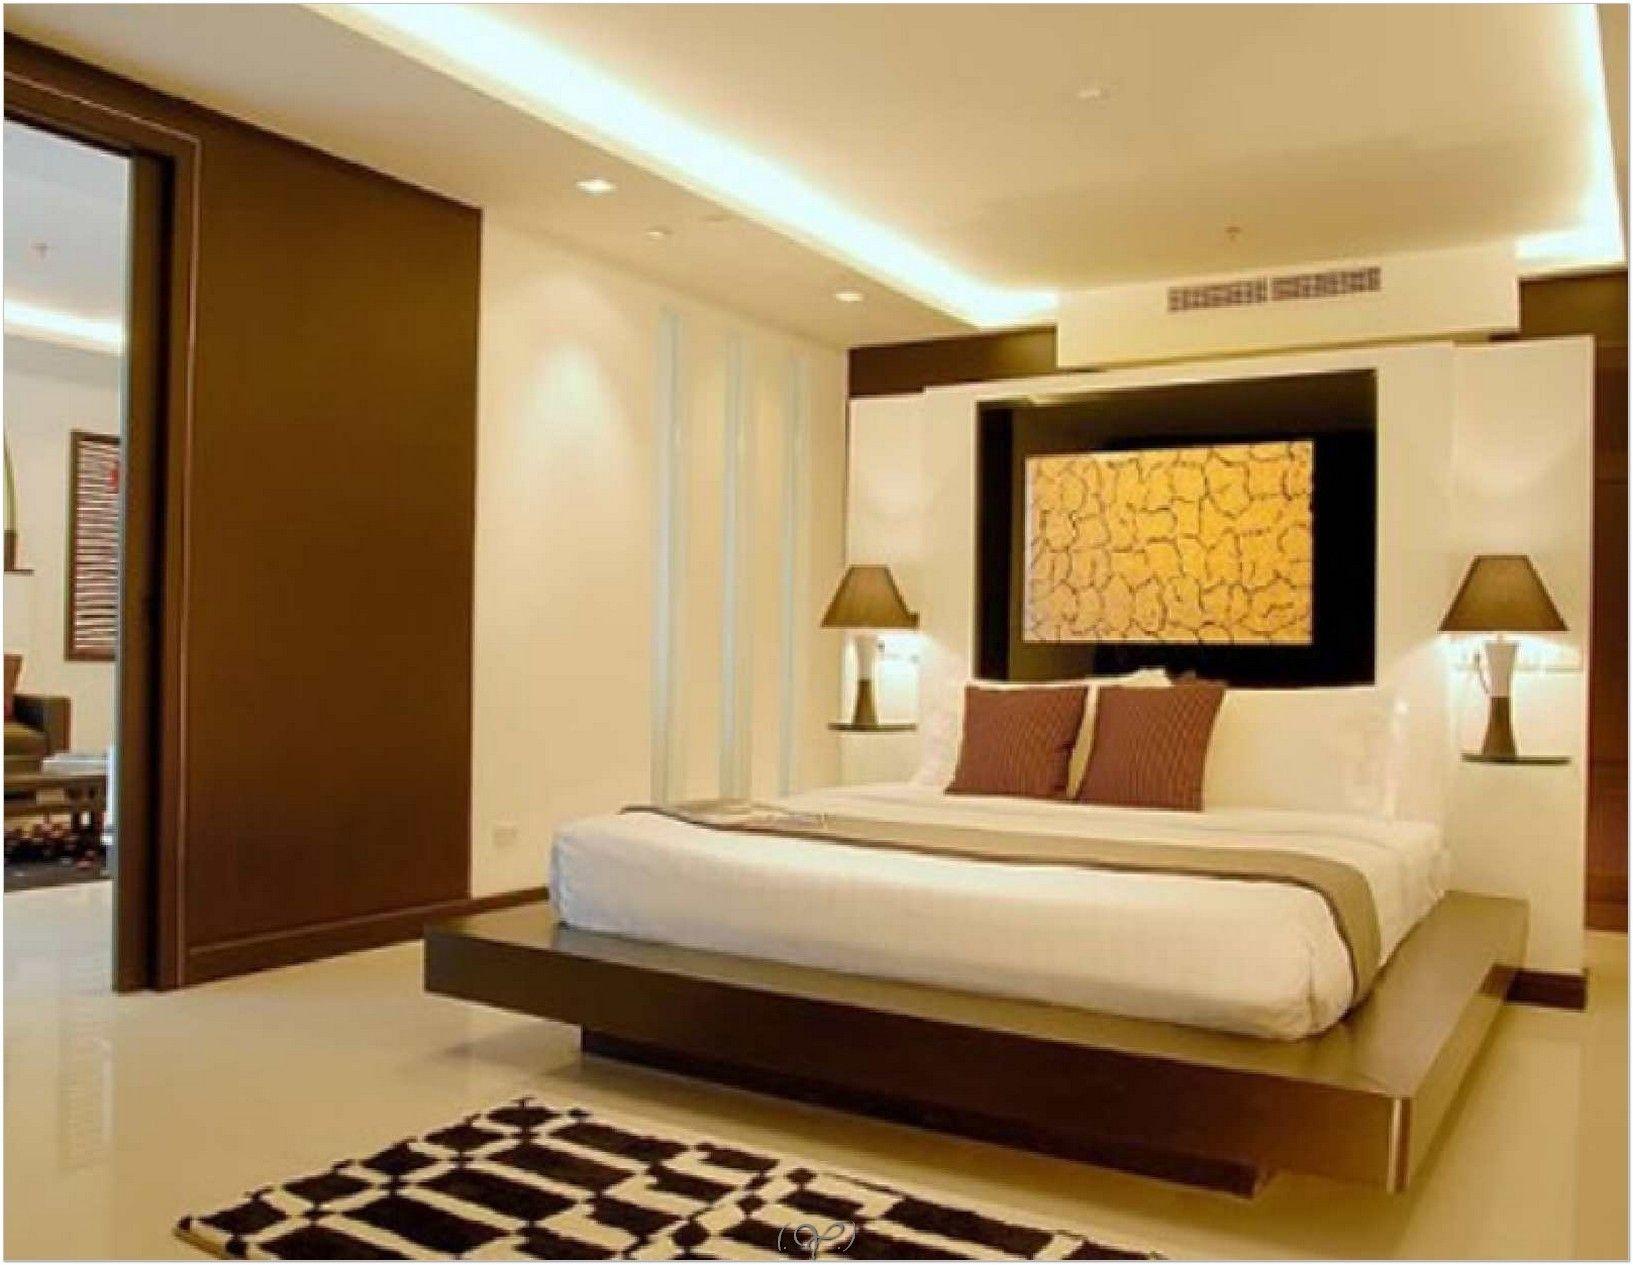 False Ceiling Ideas For Small Bedroom | False ceiling ...